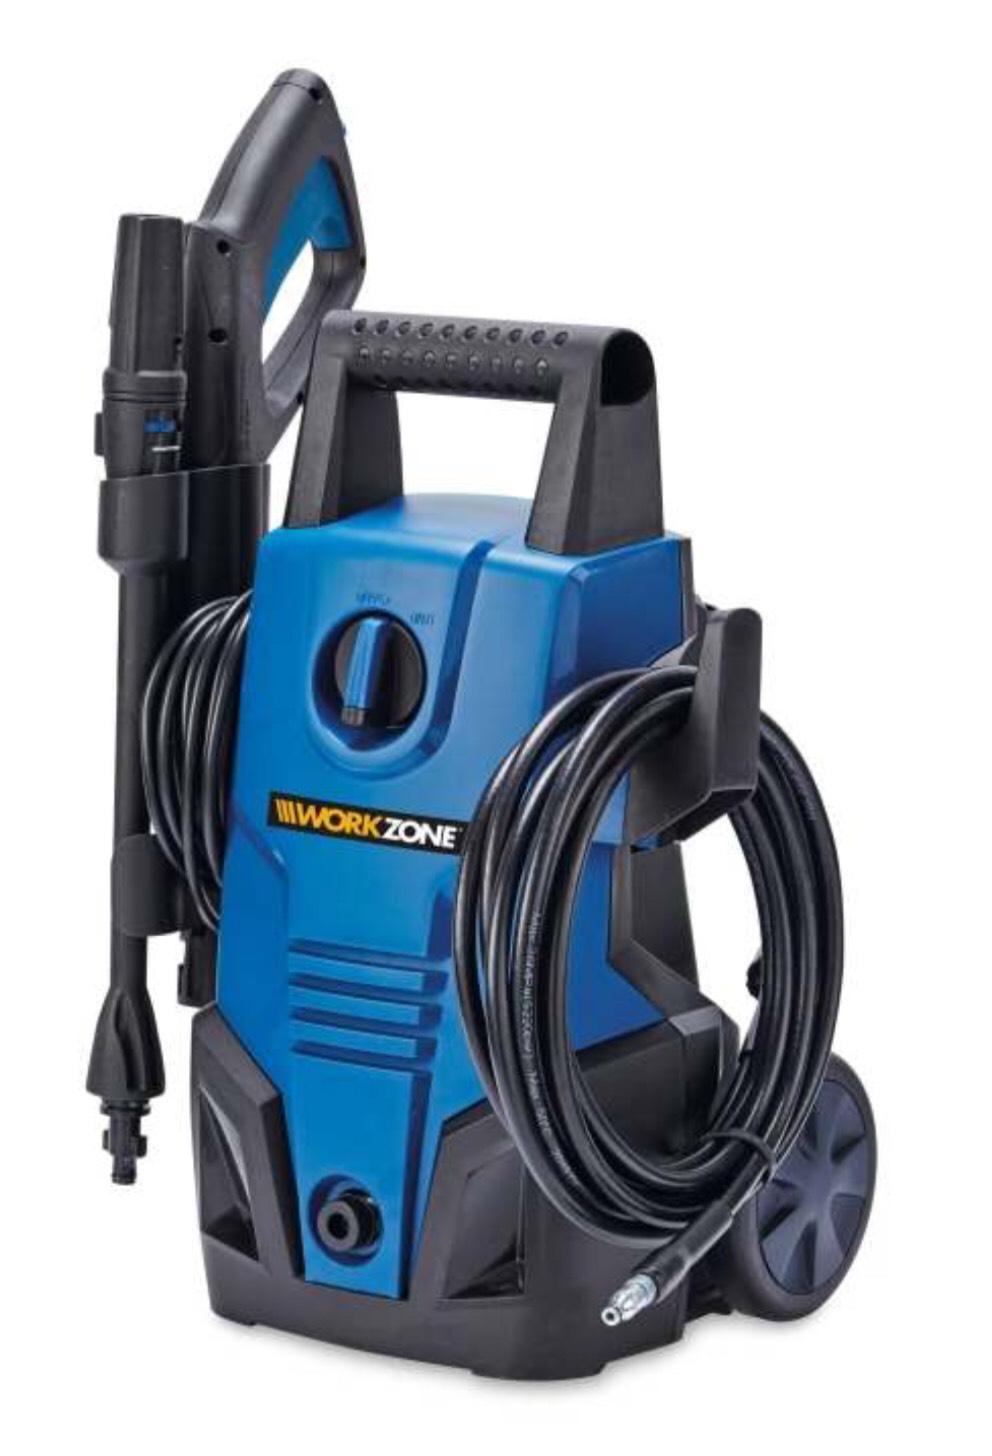 Workzone Compact Pressure washer £39.99 delivered @ Aldi